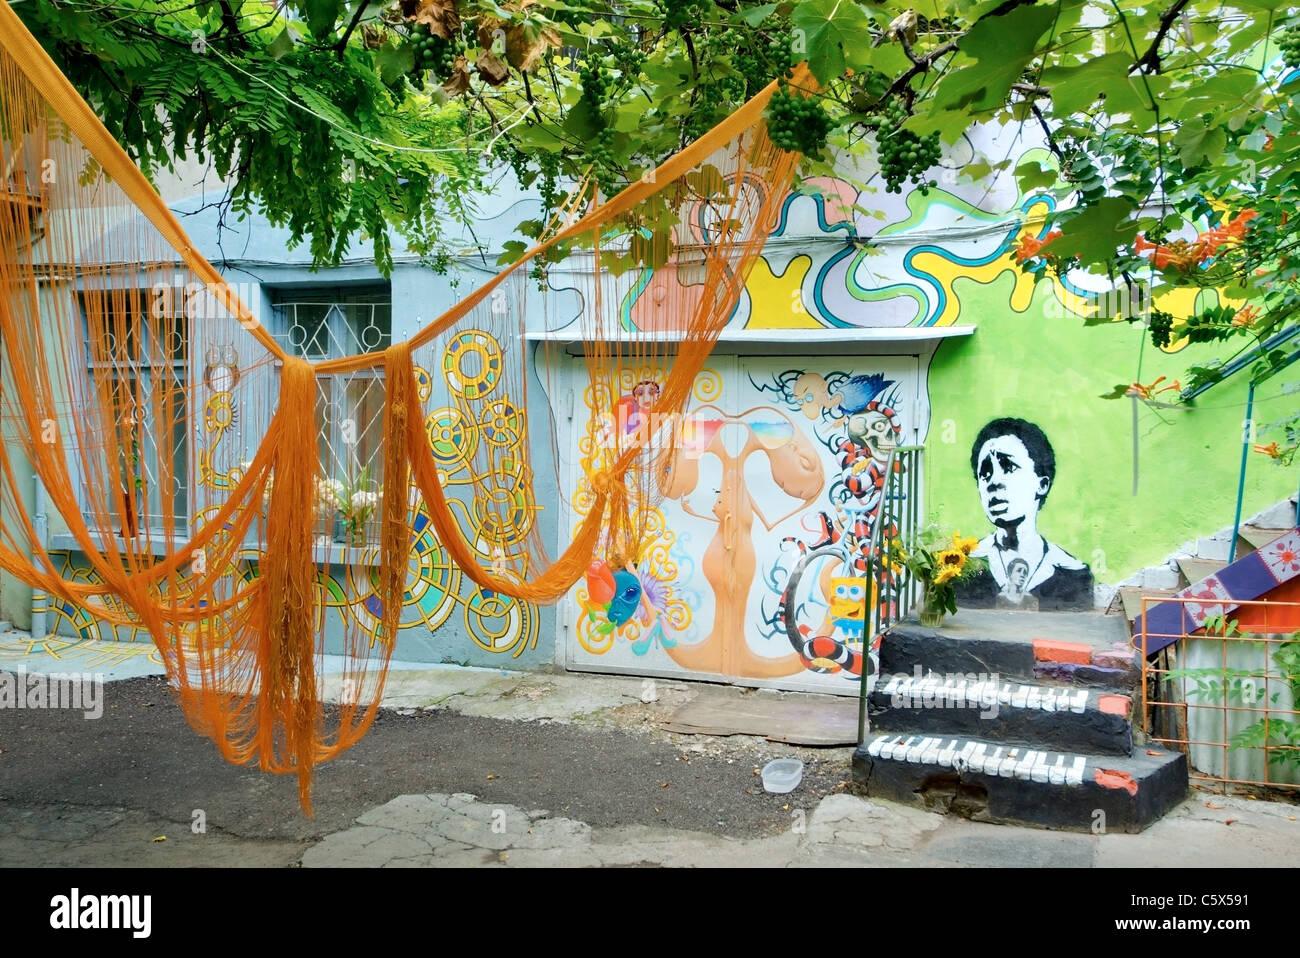 Unusual Odessa court yard - patchwork a court yard. Odessa, Ukraine. - Stock Image